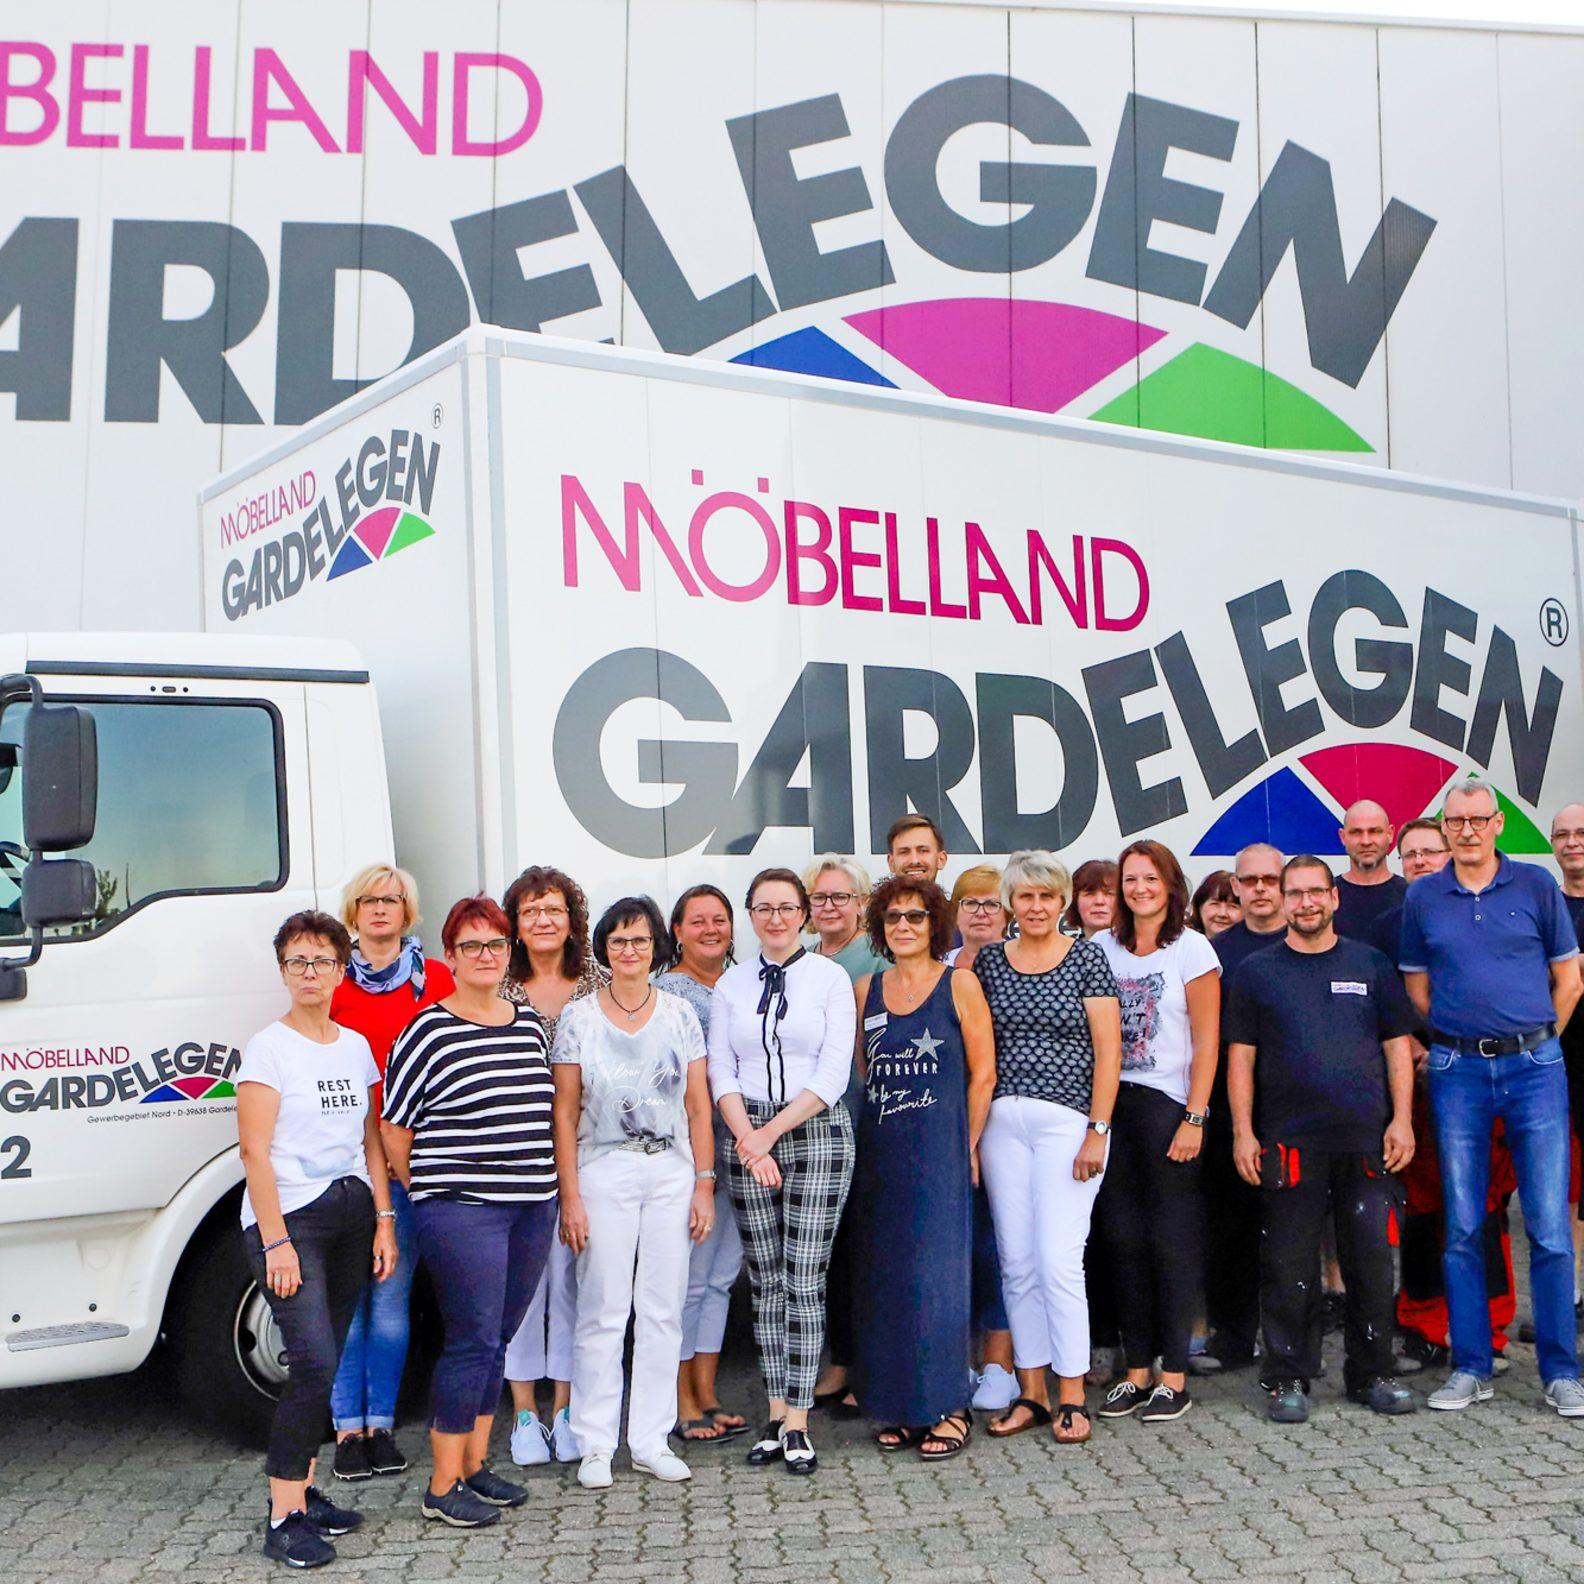 Möbelland Gardelegen GmbH